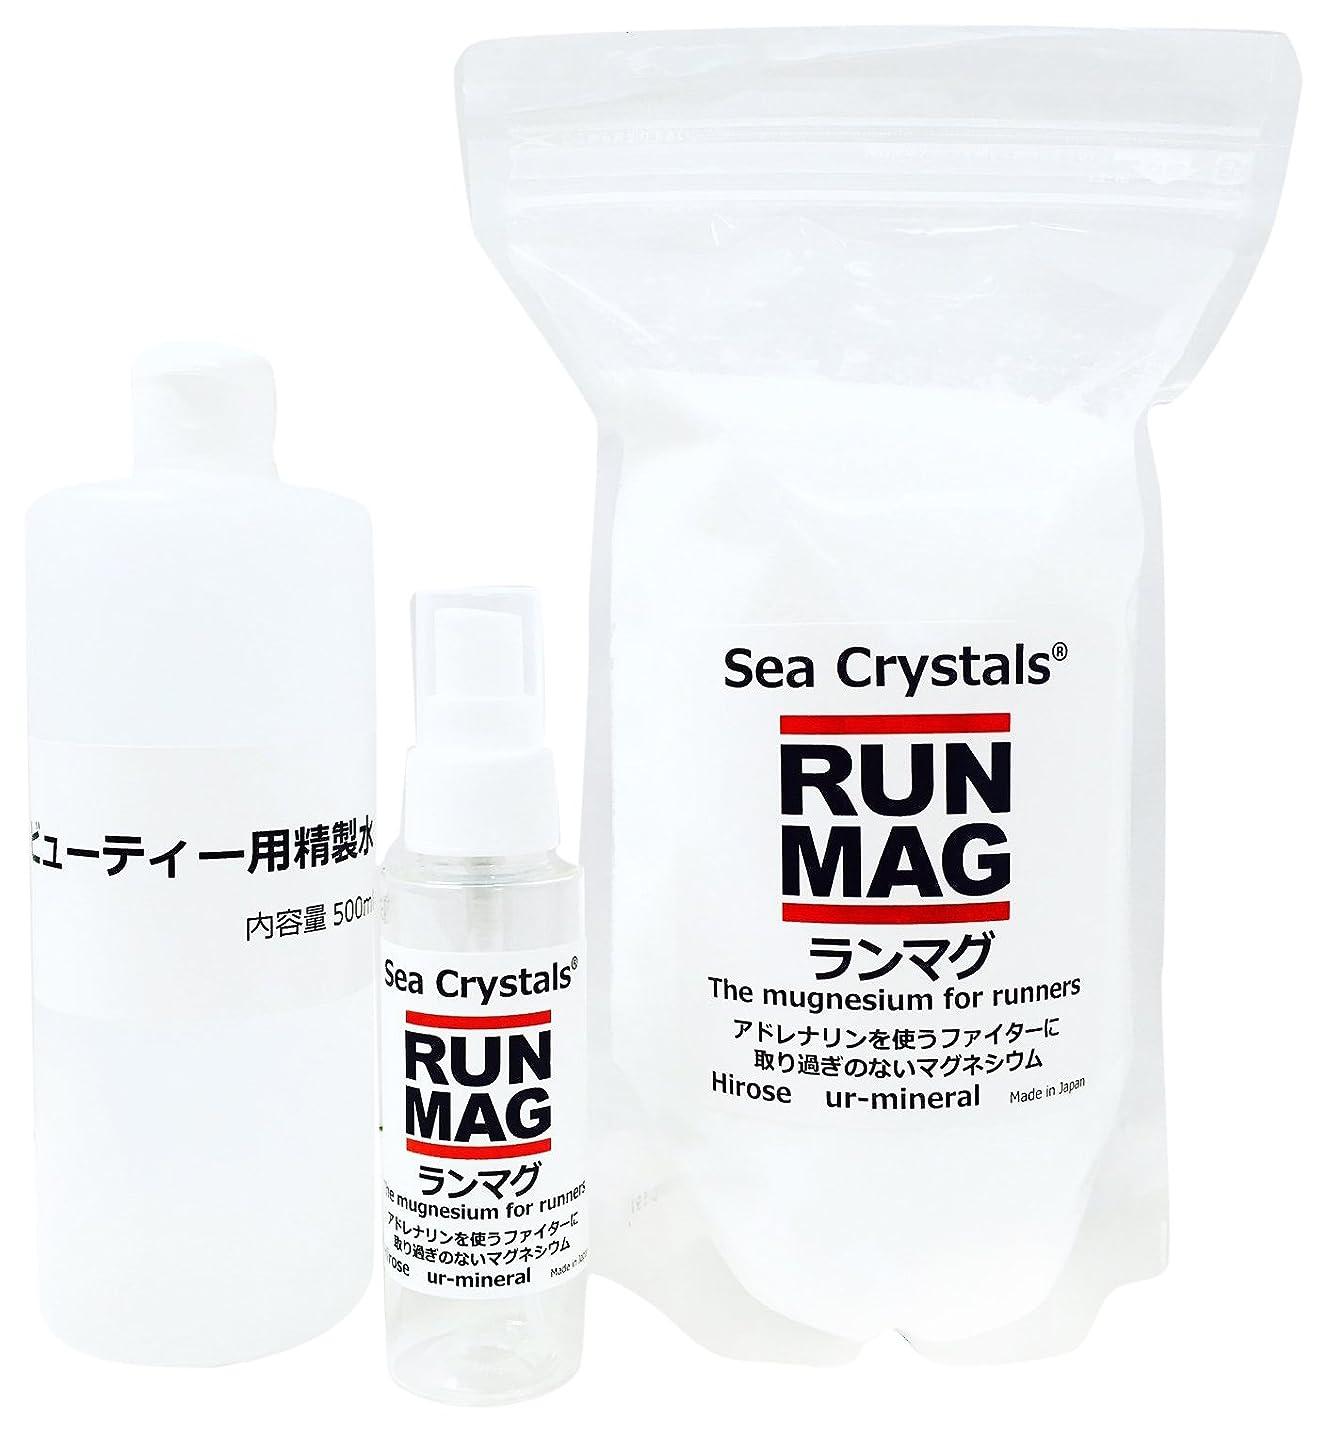 単位カレンダー遅いランマグ?マグネシウムオイル 500g 化粧品登録 日本製 1日マグネシウム360mg使用? 精製水付き